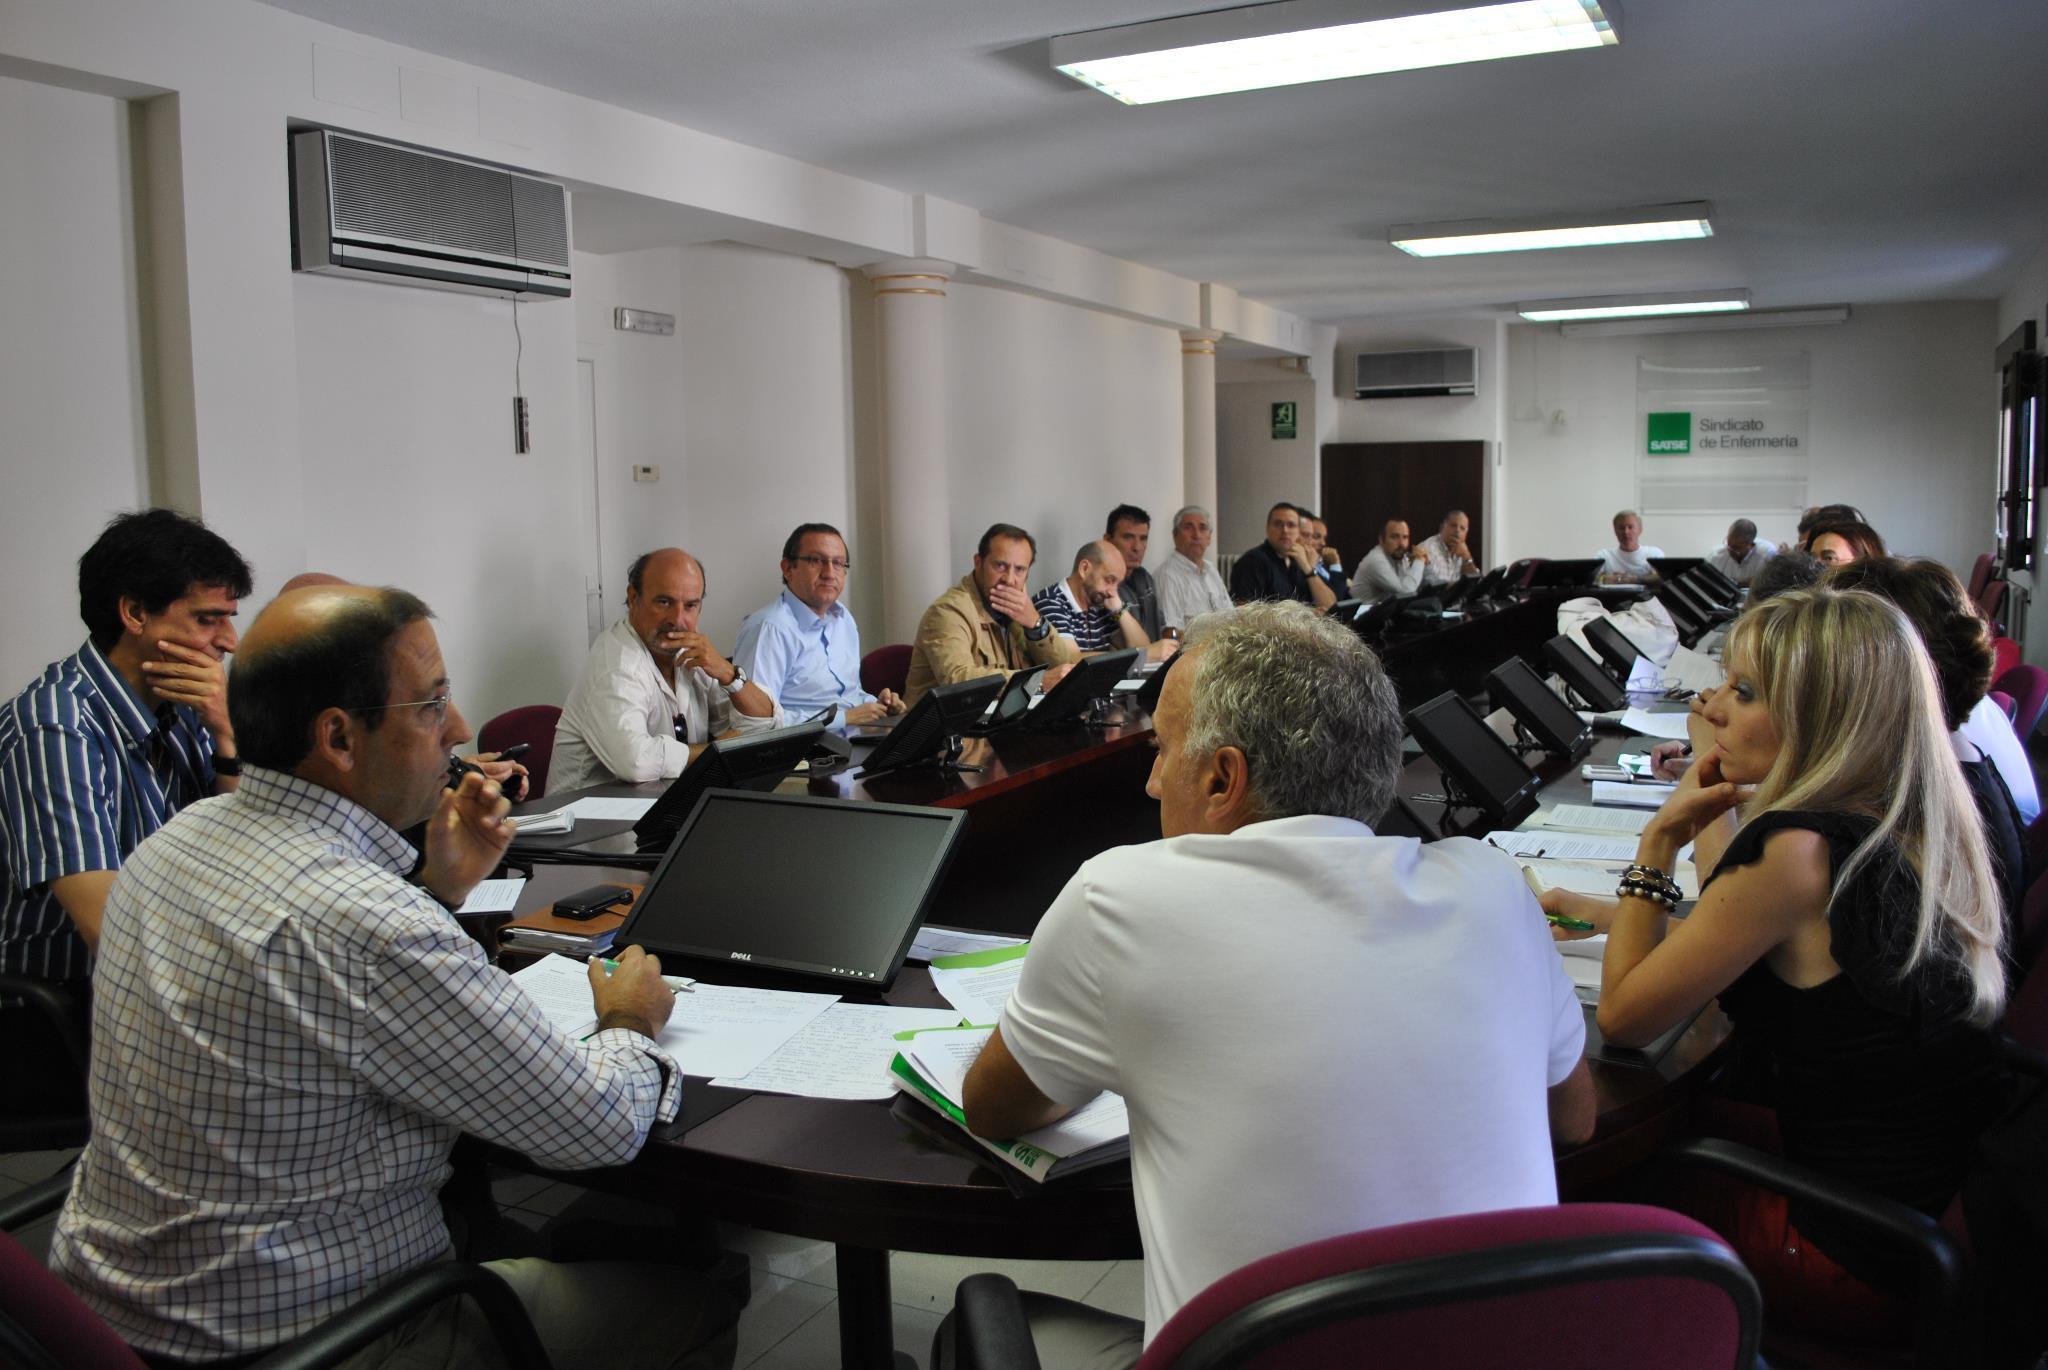 Reunión de la Plataforma Sindical y de Asociaciones Profesionales de Empleados Públicos para acordar las próximas acciones contra los recortes (4 de septiembre de 2012)